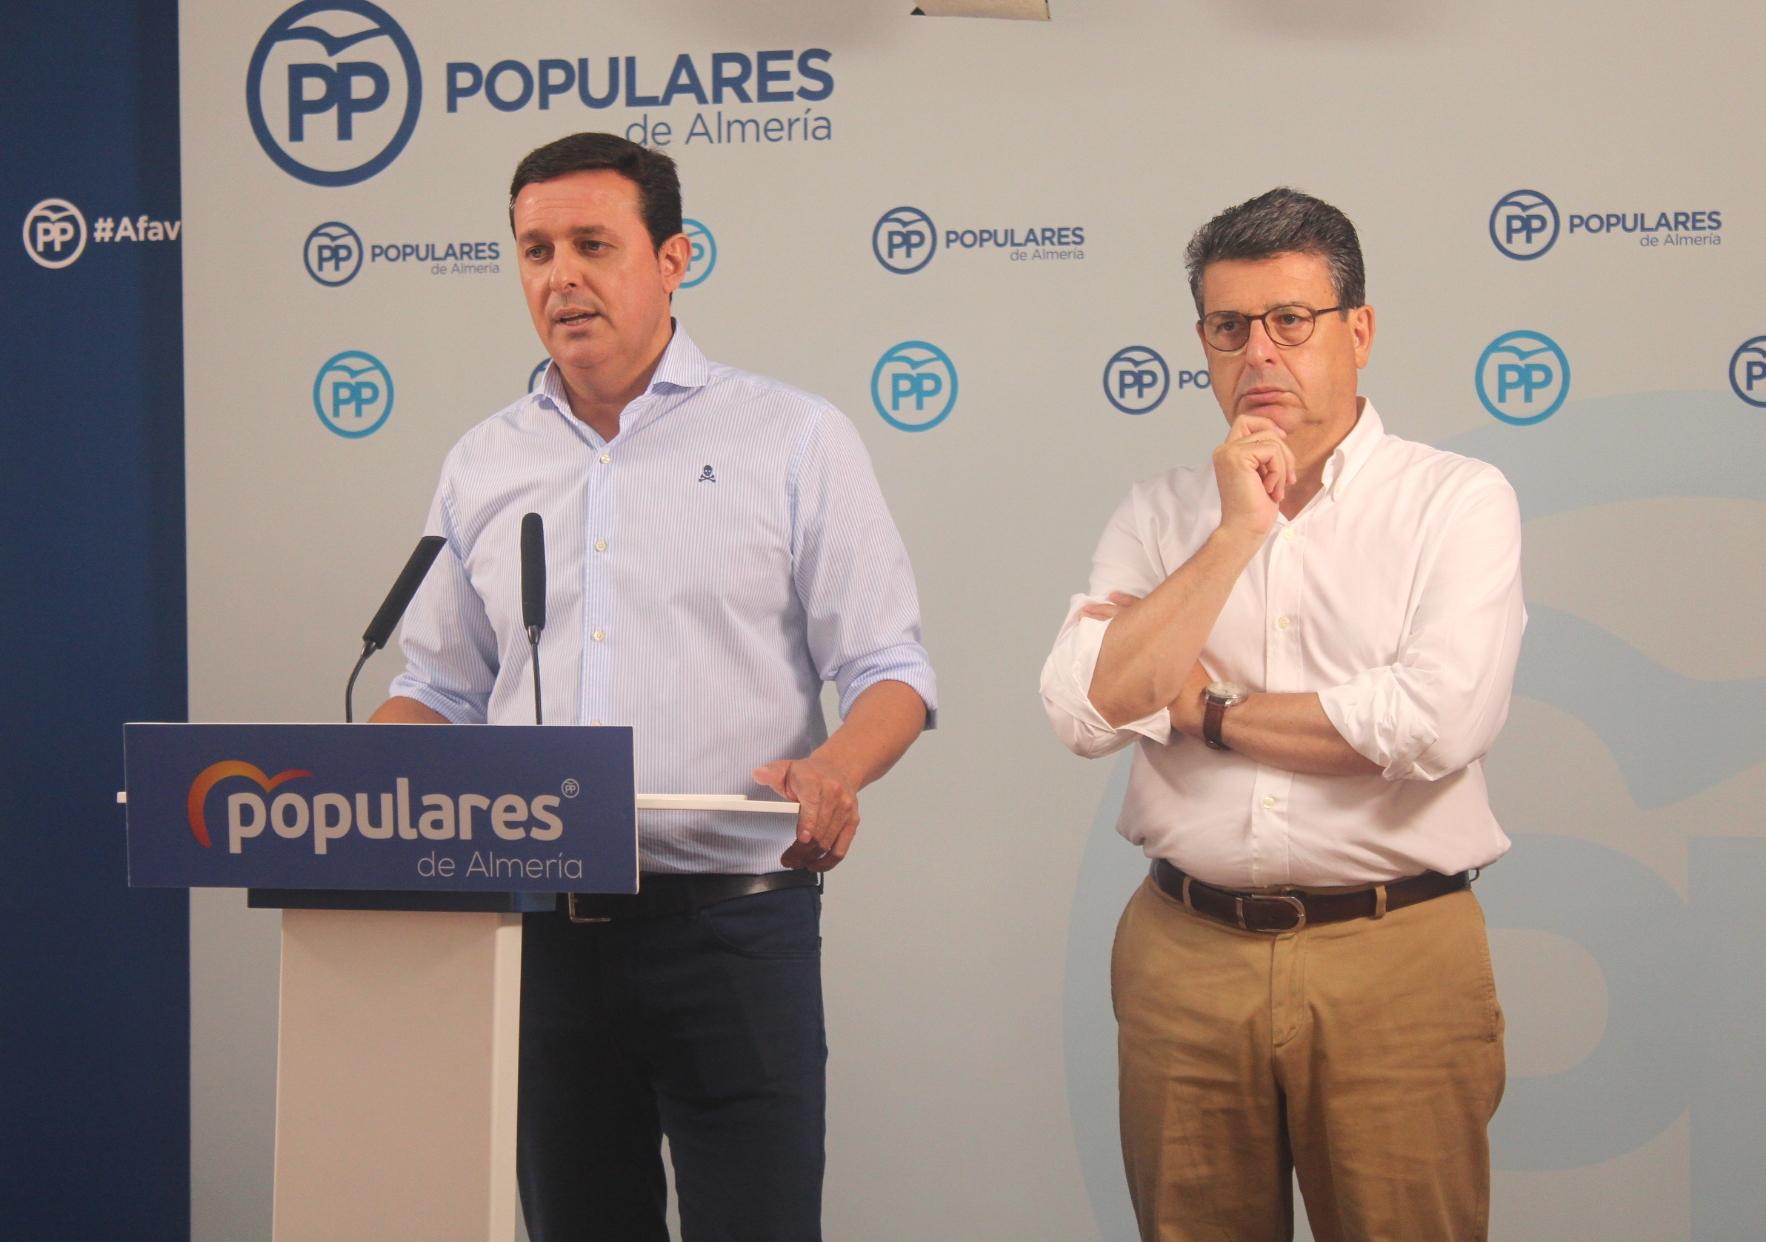 El PP pide al Gobierno la declaración de zona catastrófica para los municipios que han sufrido daños por las fuertes lluvias